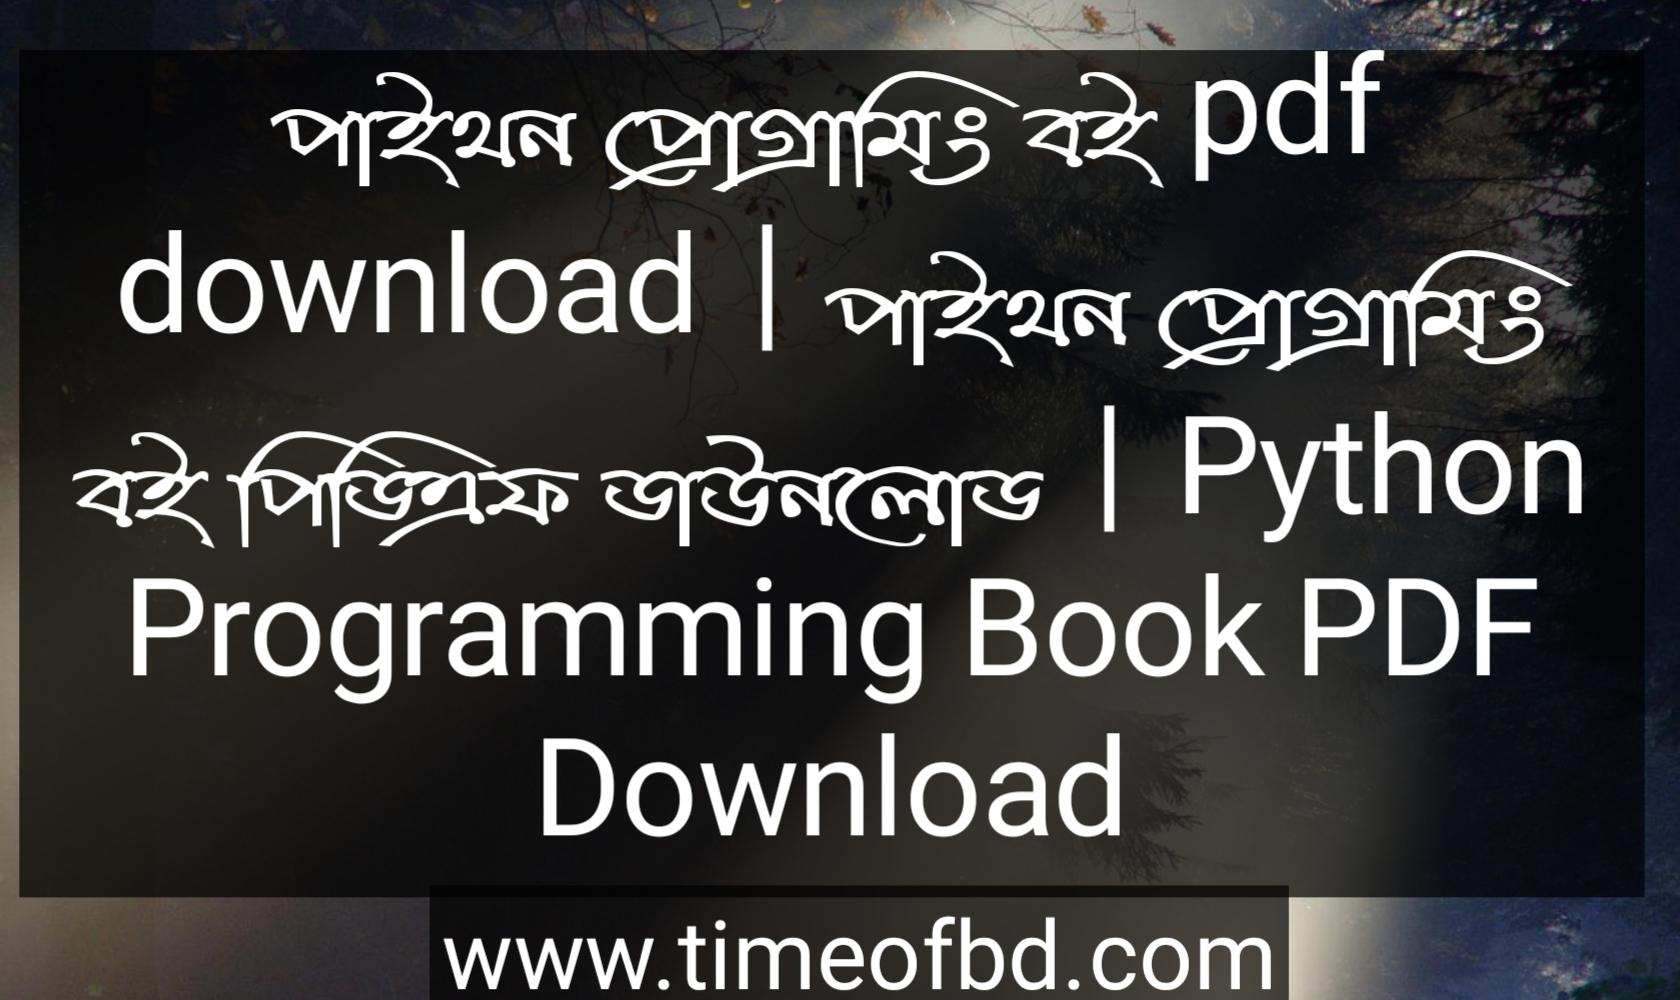 পাইথন প্রোগ্রামিং বই pdf download, পাইথন প্রোগ্রামিং বই পিডিএফ ডাউনলোড, পাইথন প্রোগ্রামিং বই পিডিএফ, পাইথন প্রোগ্রামিং বই pdf,